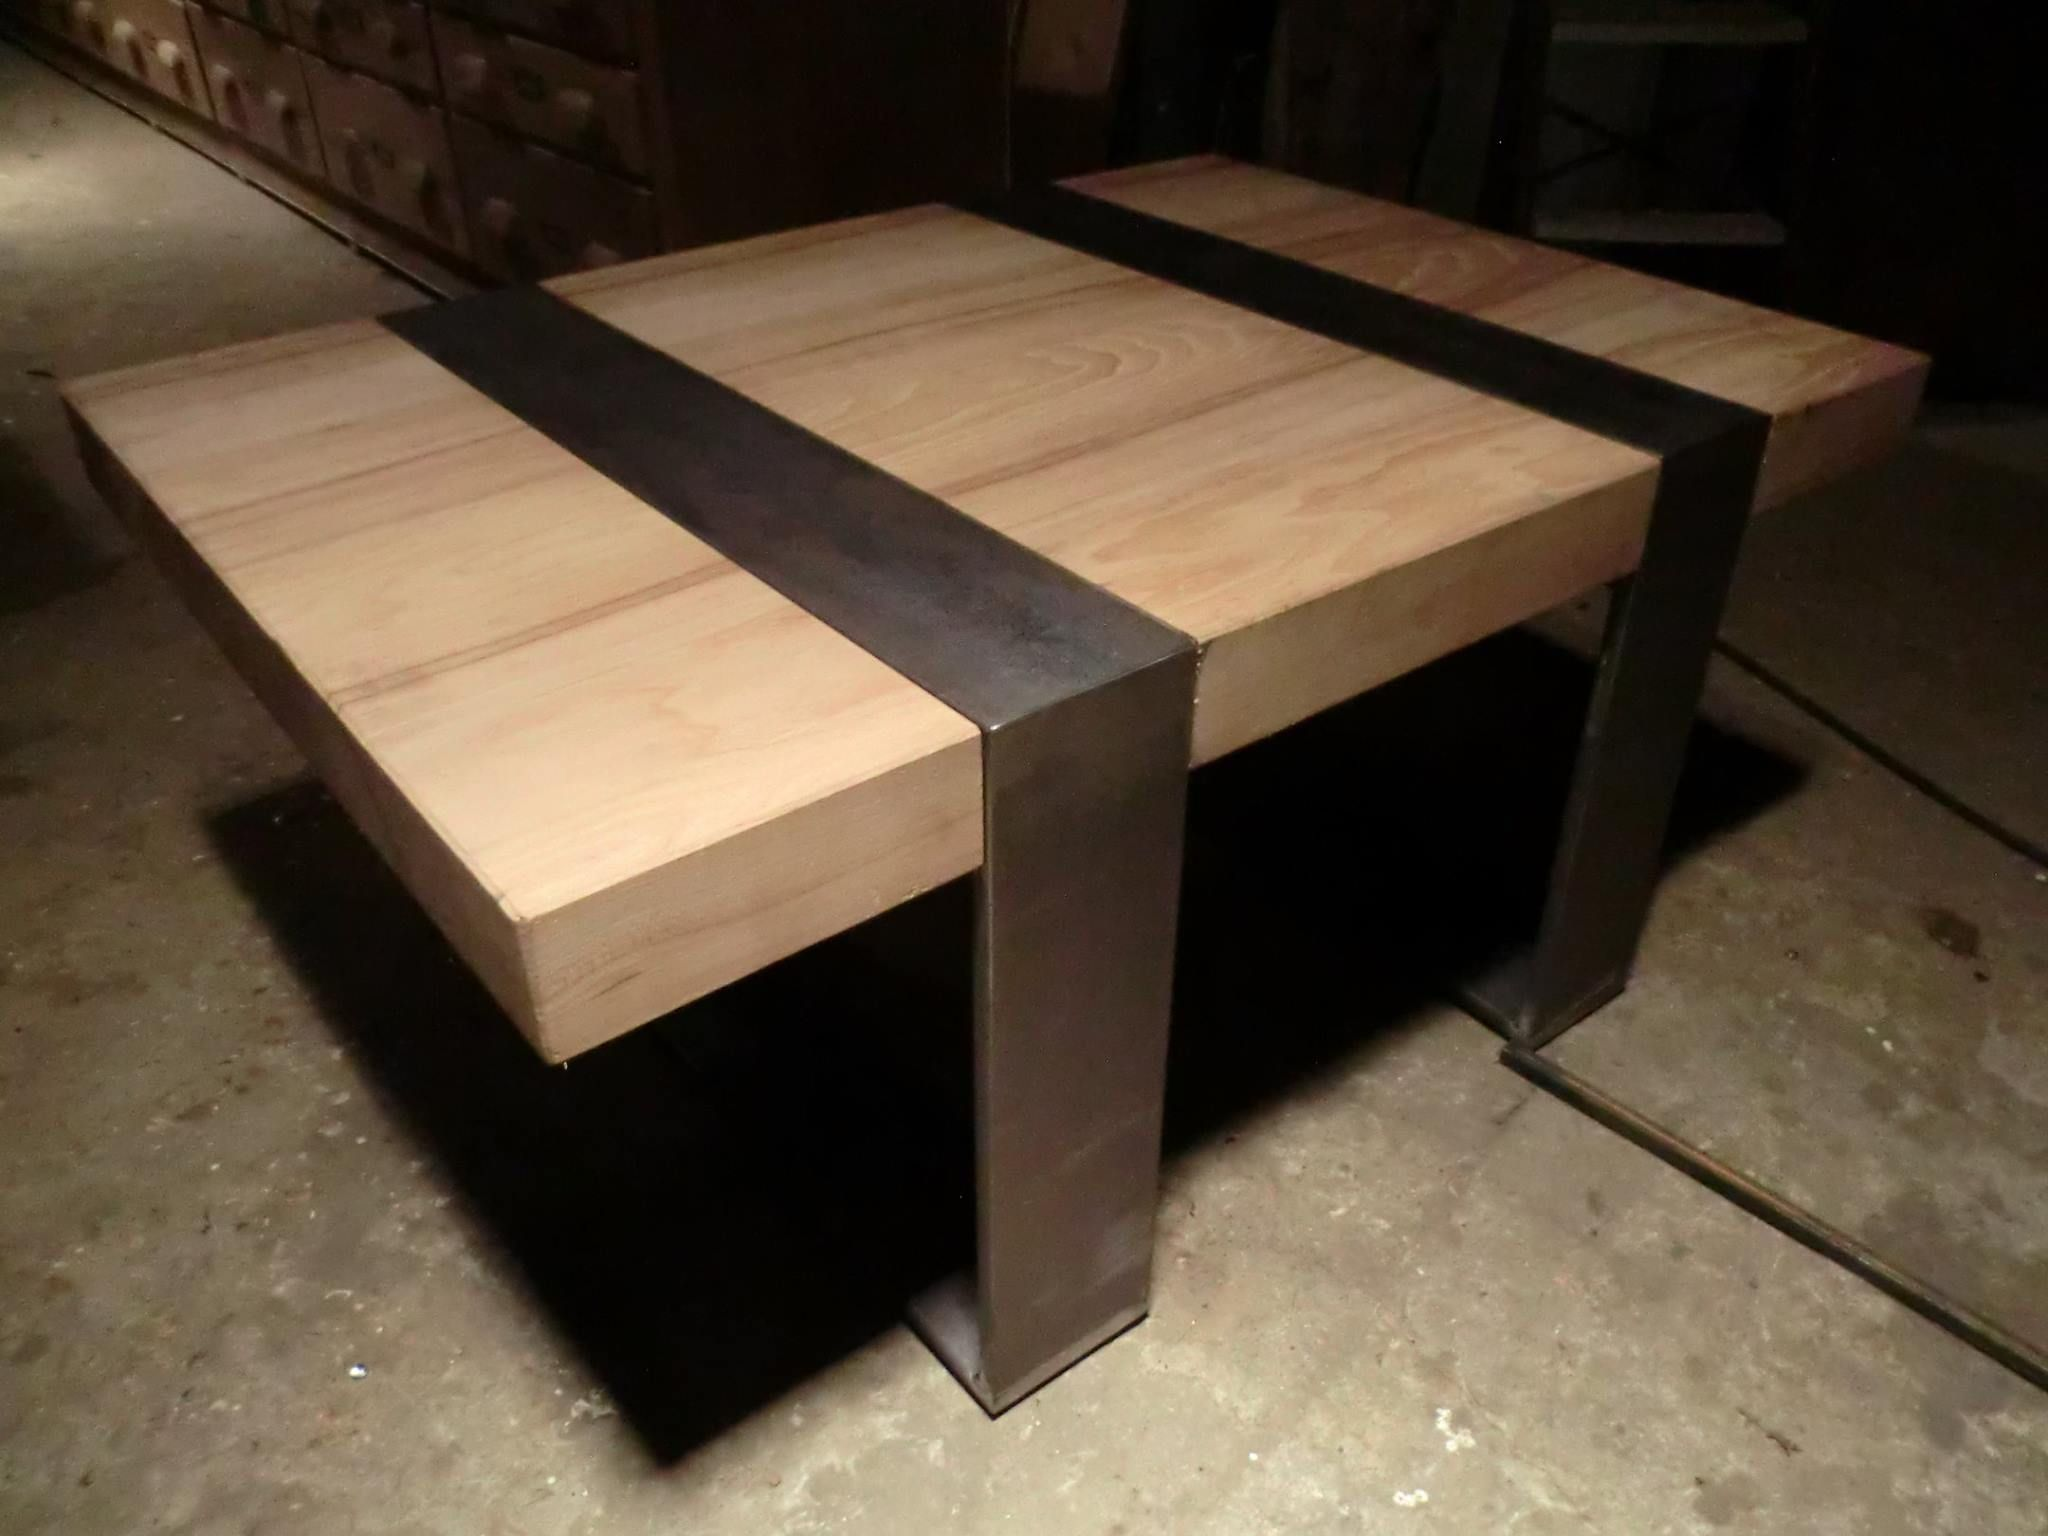 table basse creation sortie d usine morgny 27150 acier bois 1000 x 700 x 45 de haut